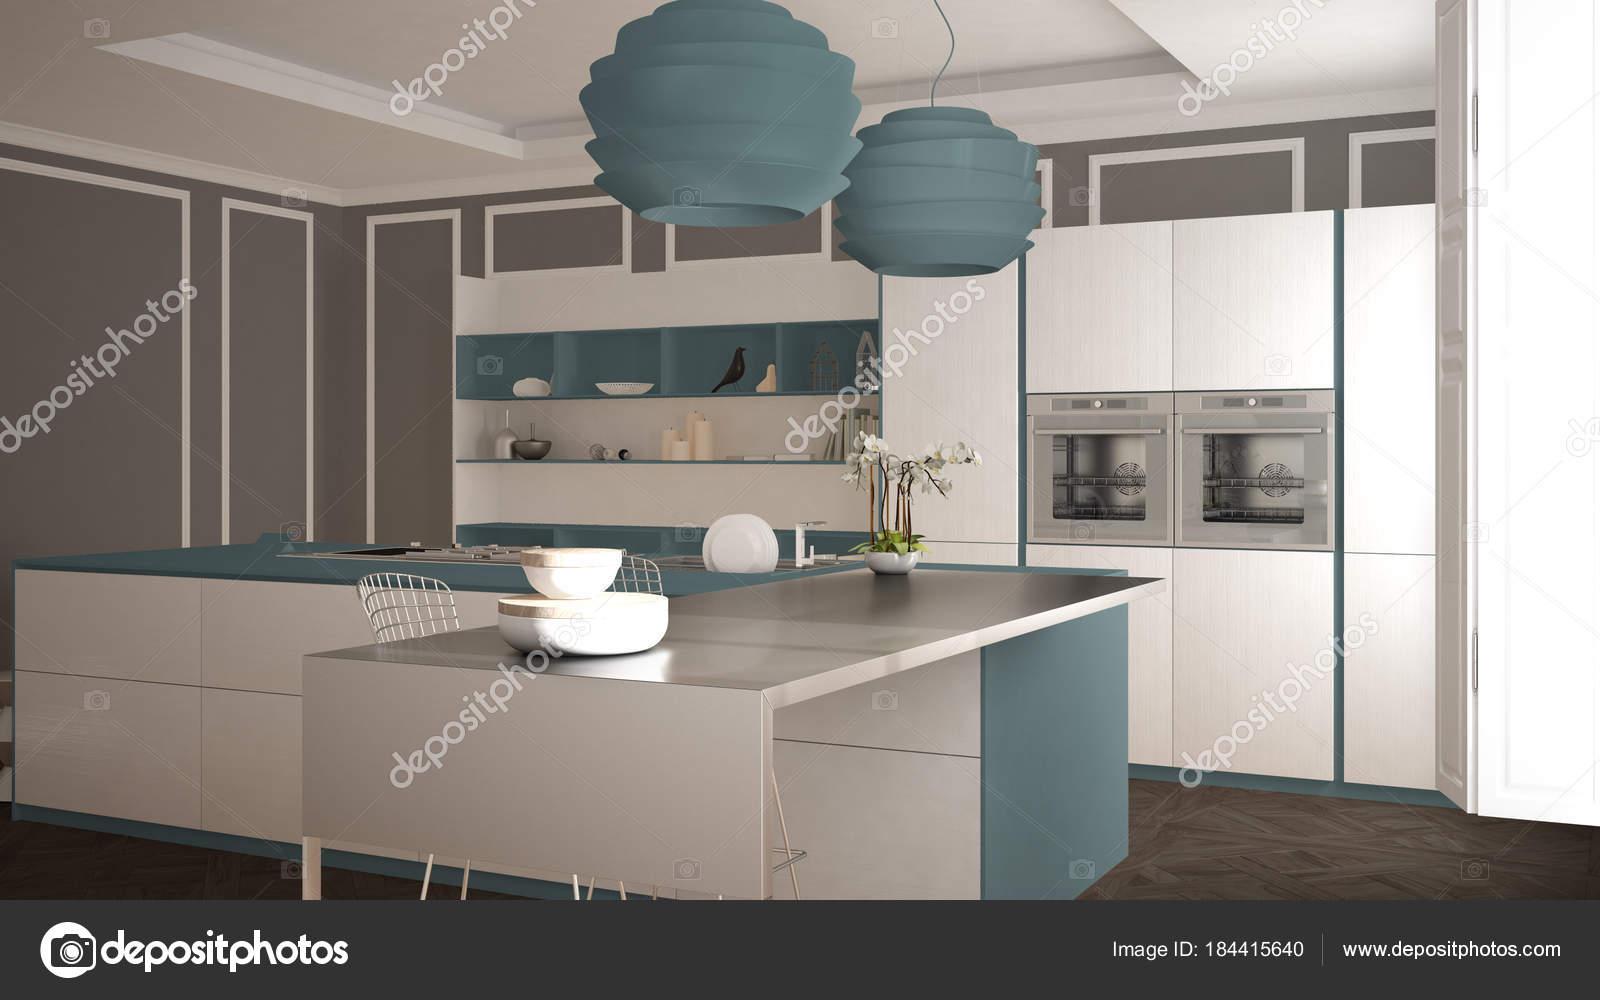 Ausgezeichnet Küchendesign Mit Zwei Inseln Fotos - Ideen Für Die ...